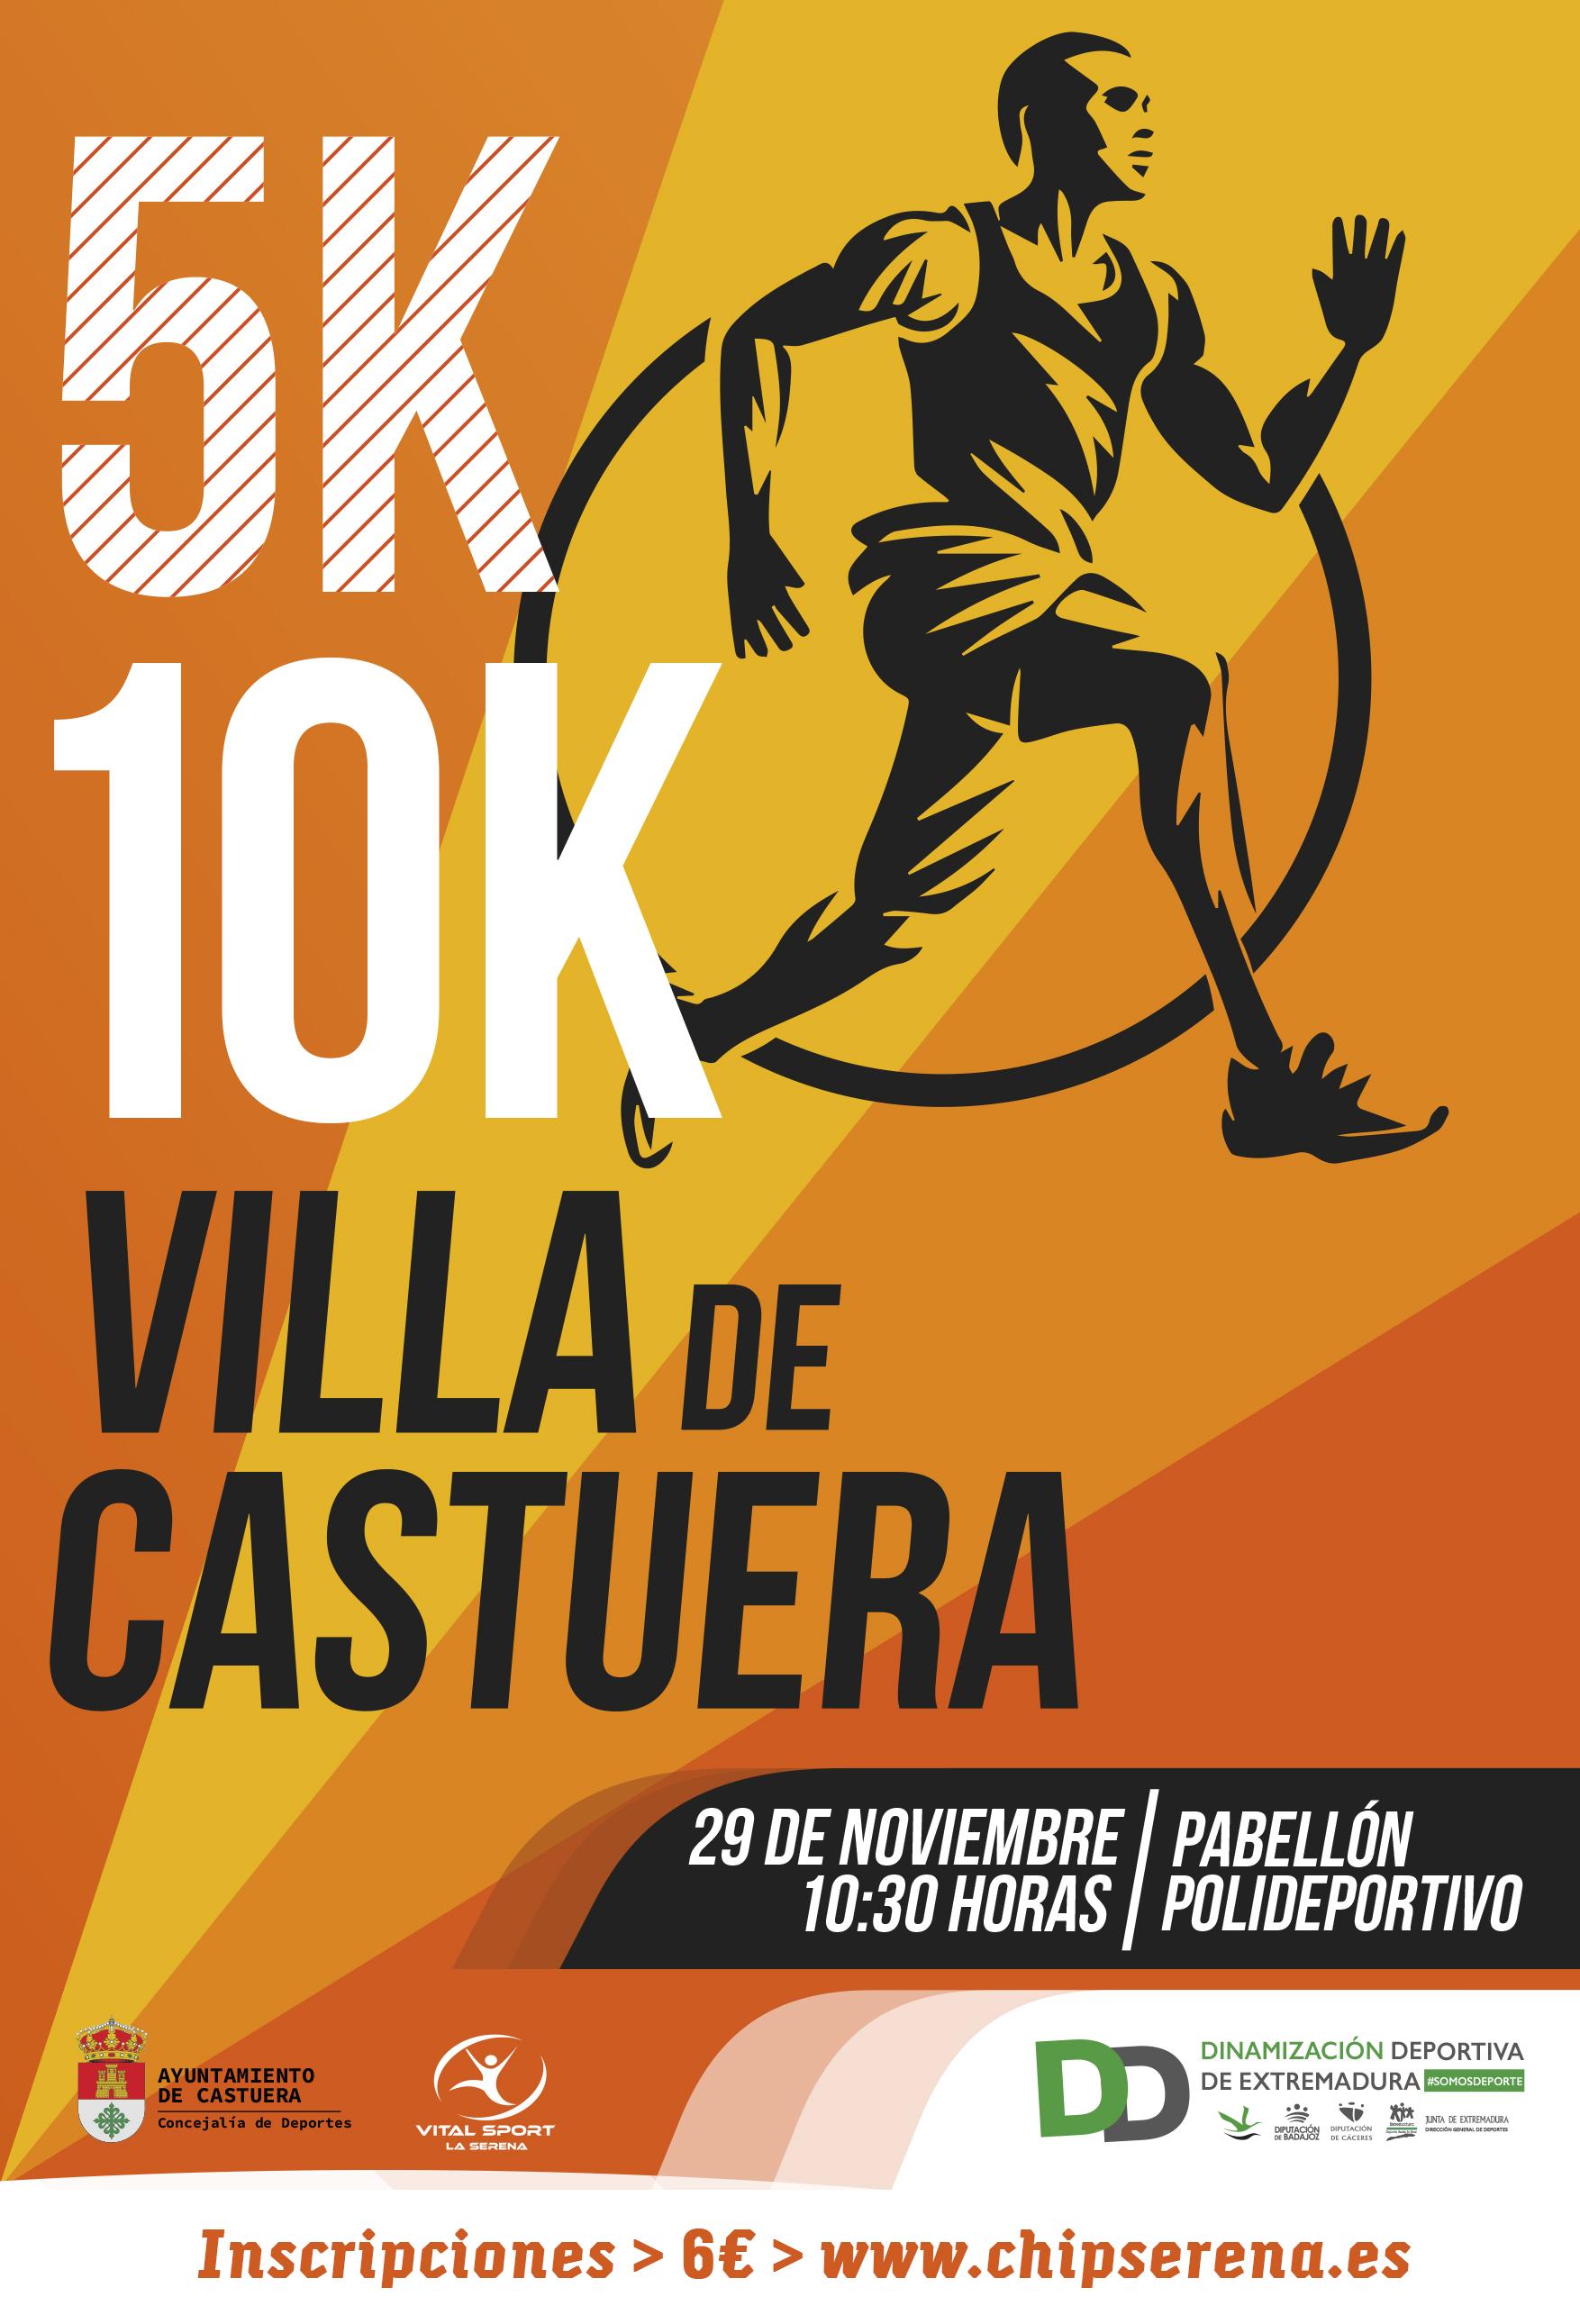 II 5K VILLA DE CASTUERA